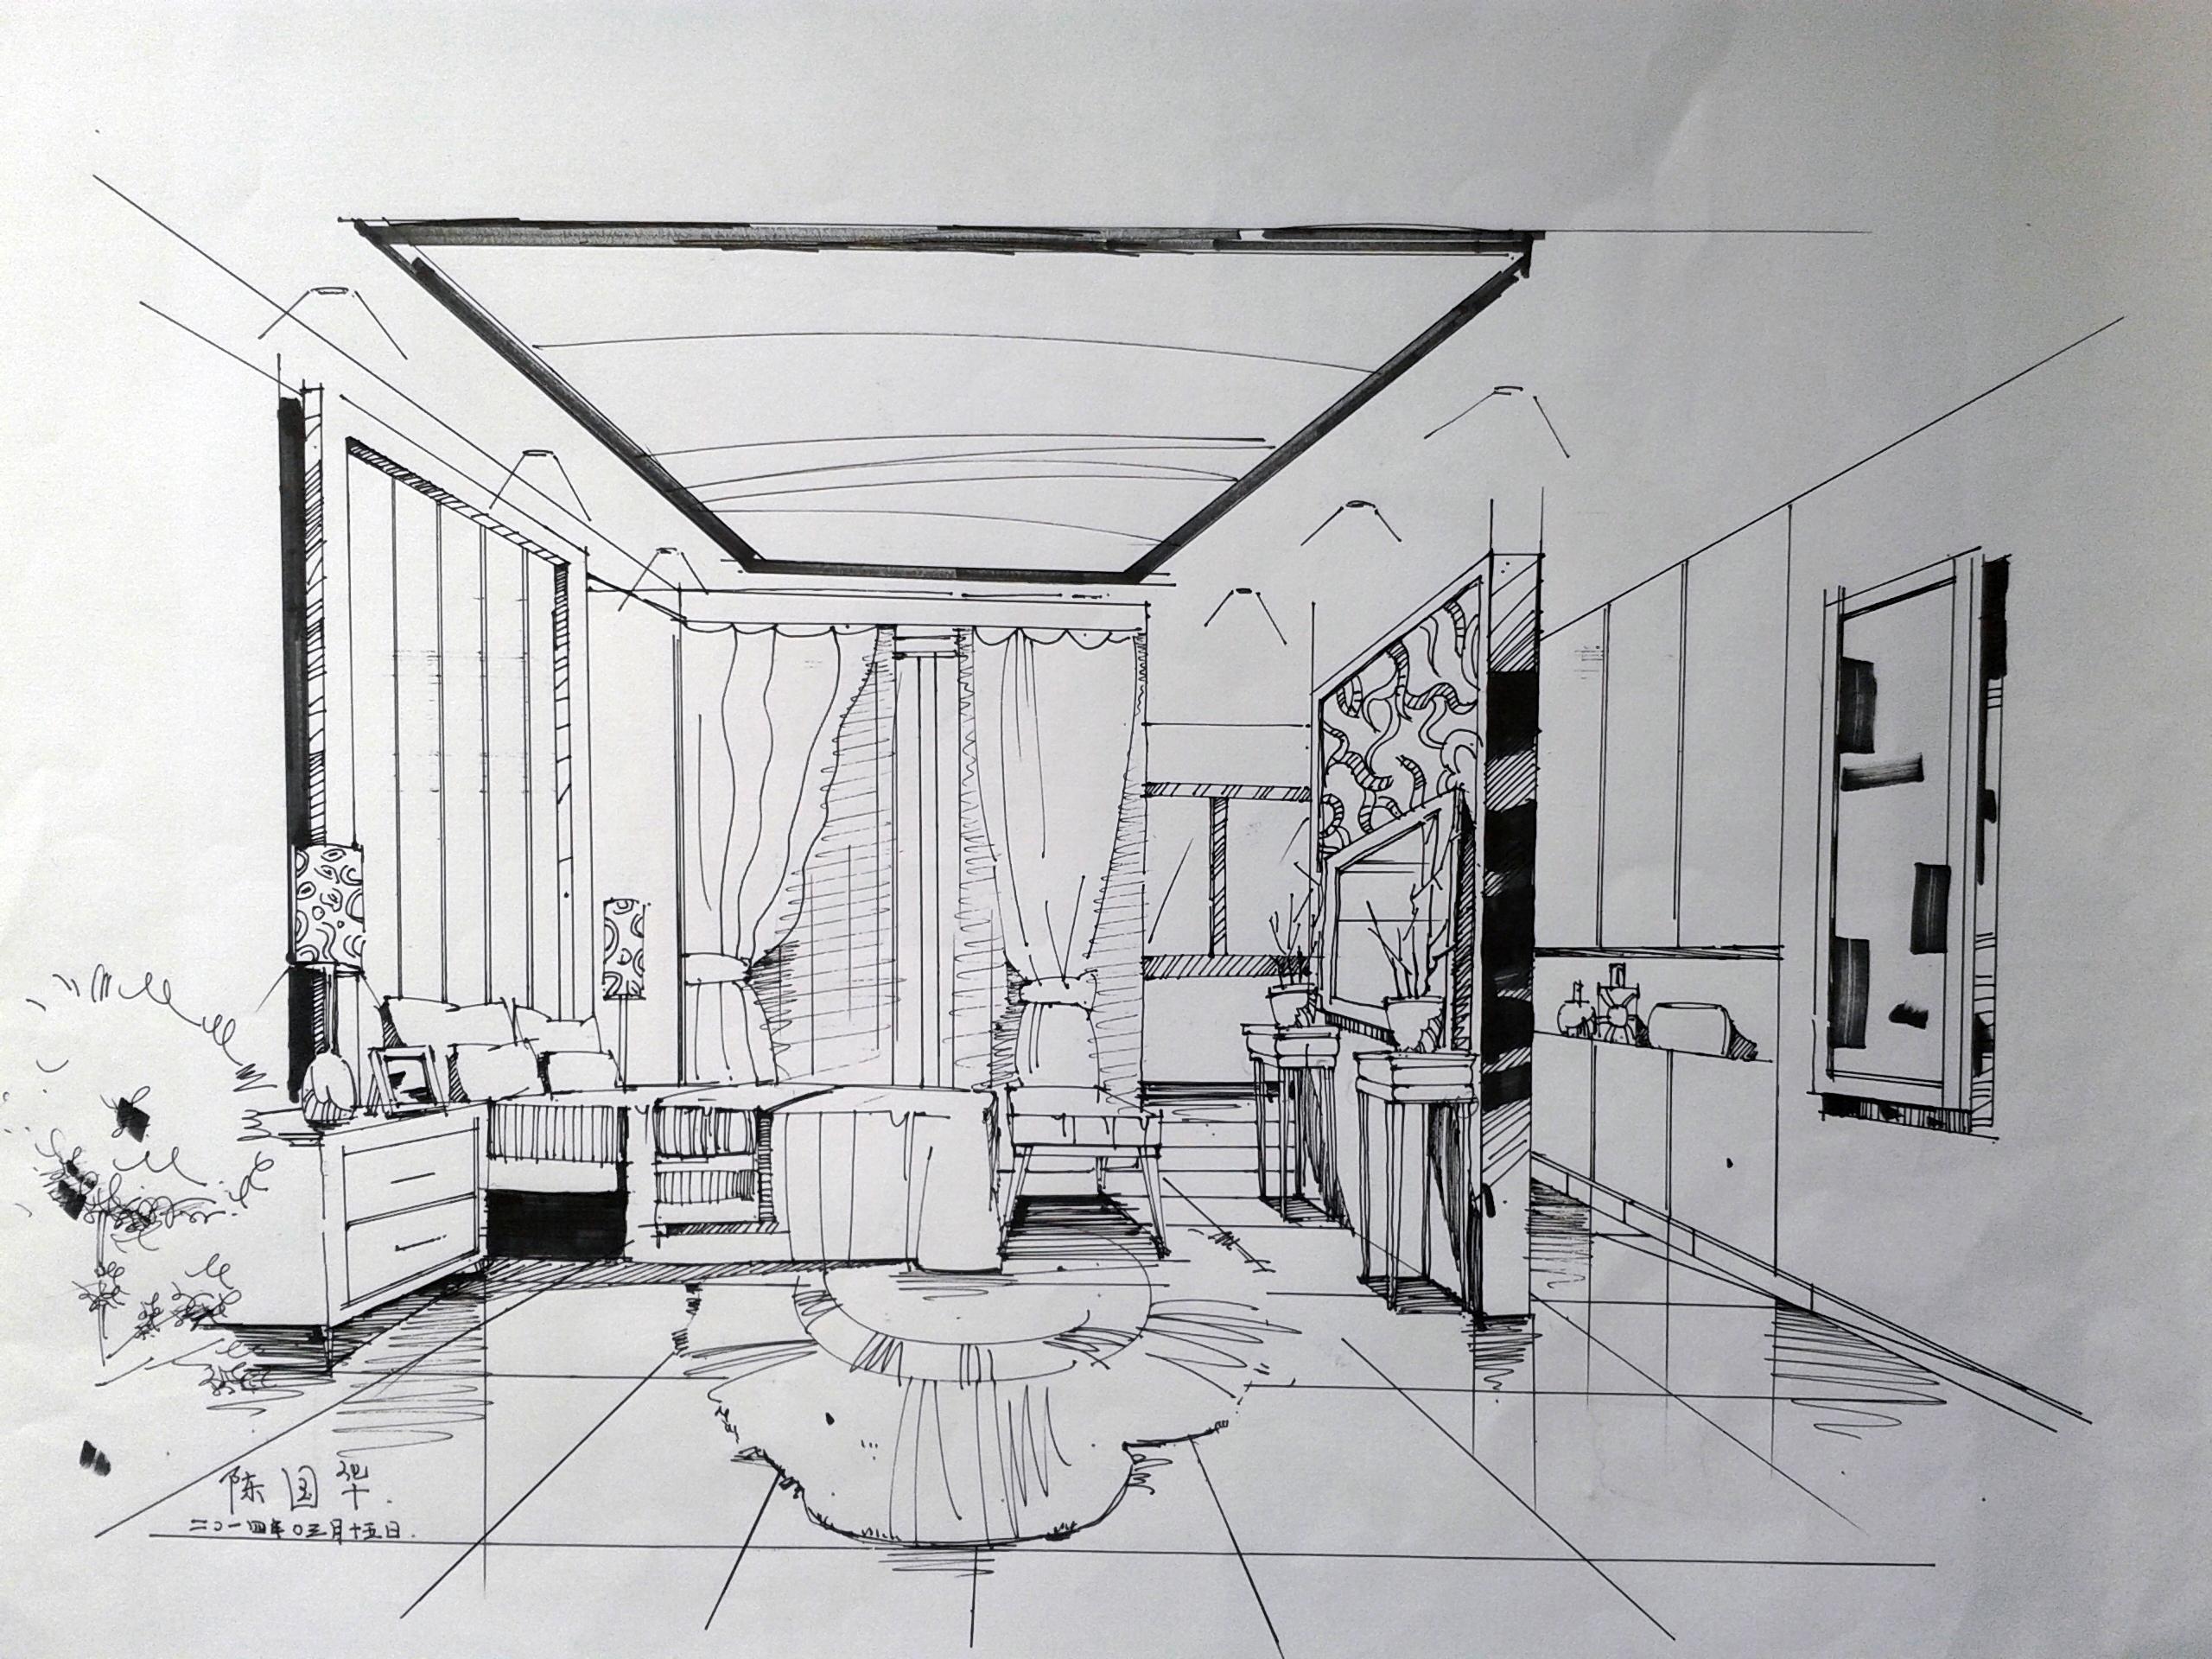 手绘练习|空间|室内设计|chenguohua - 原创作品图片